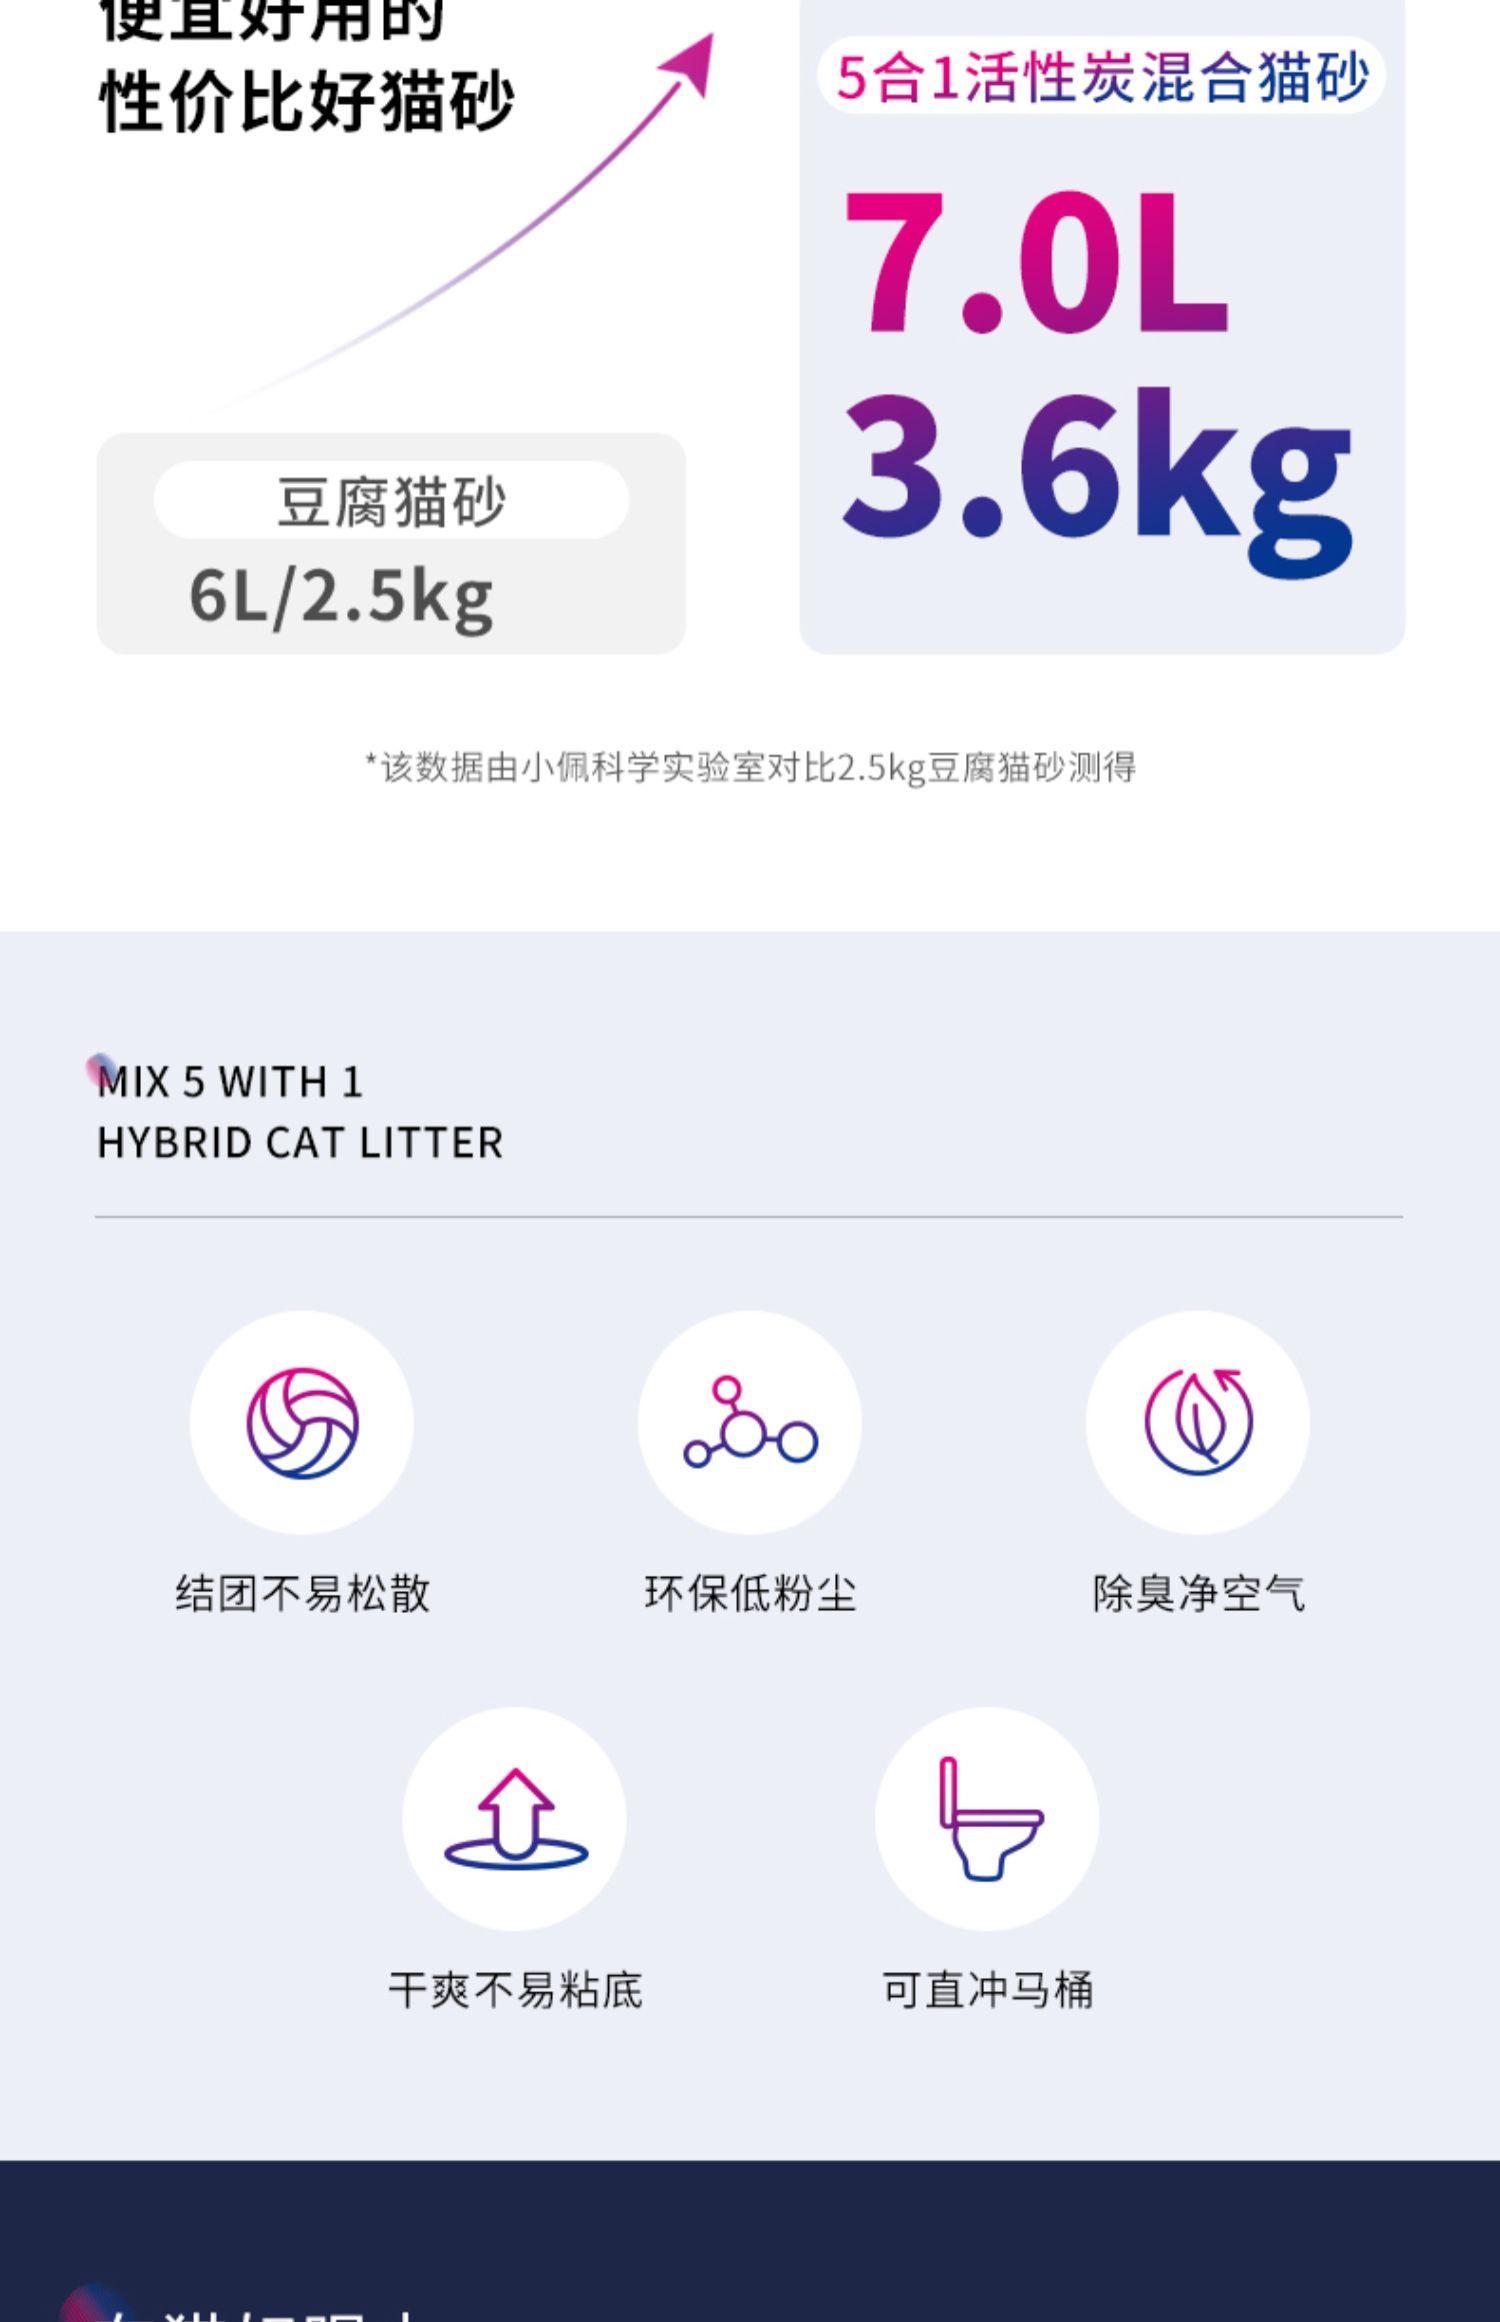 小佩活性炭5合1混合猫砂7L*4包